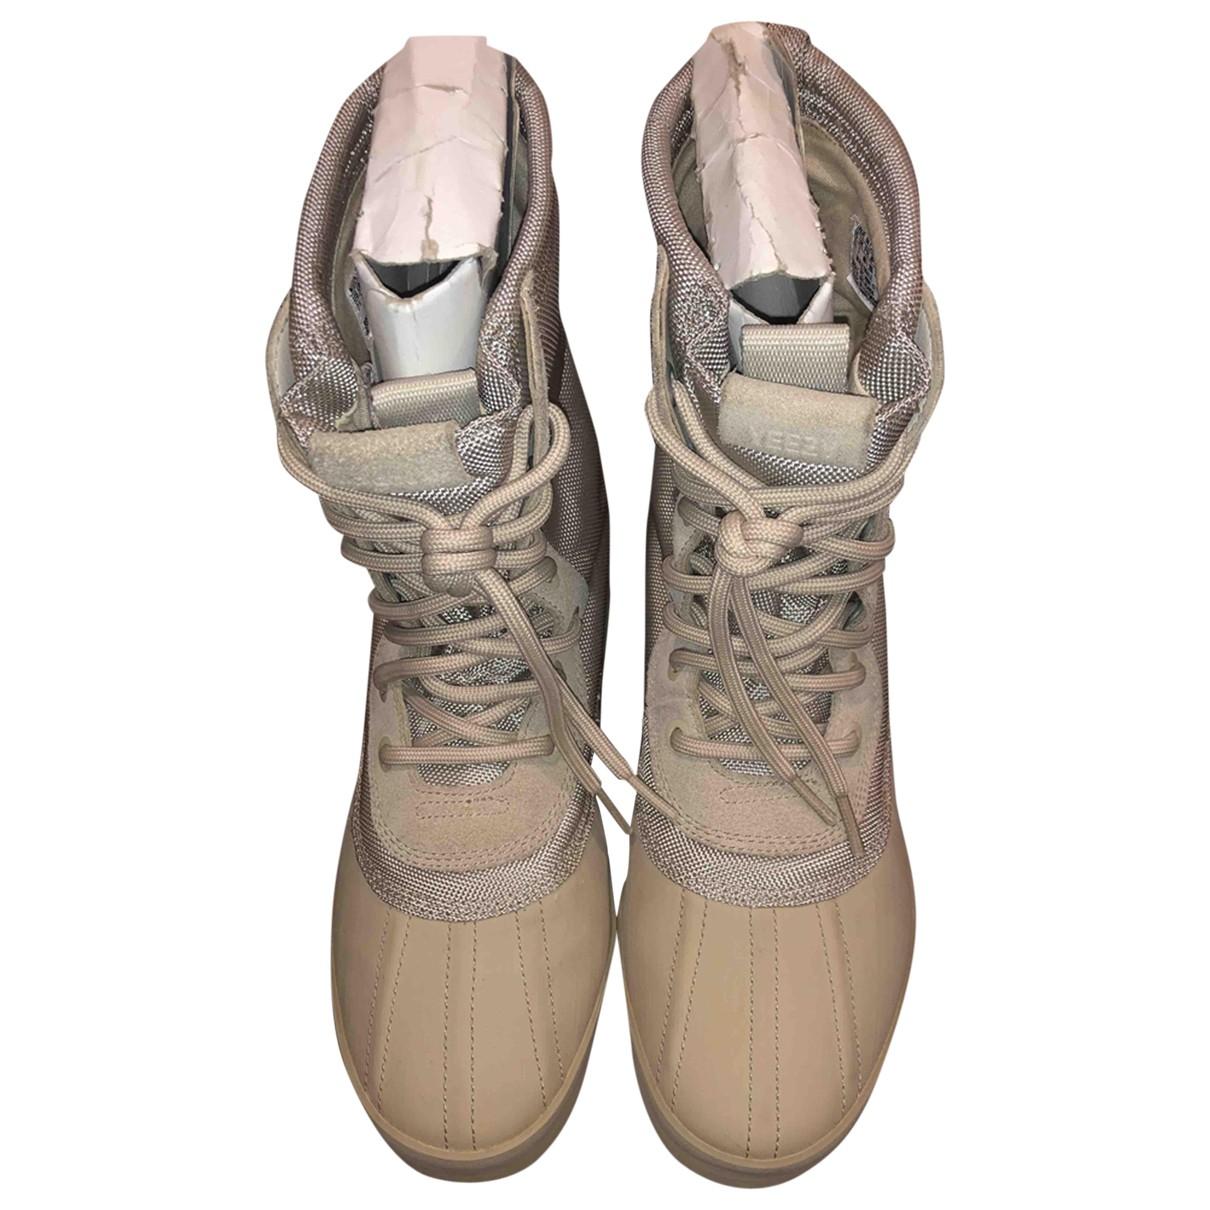 Yeezy X Adidas \N Stiefel in  Beige Kautschuk